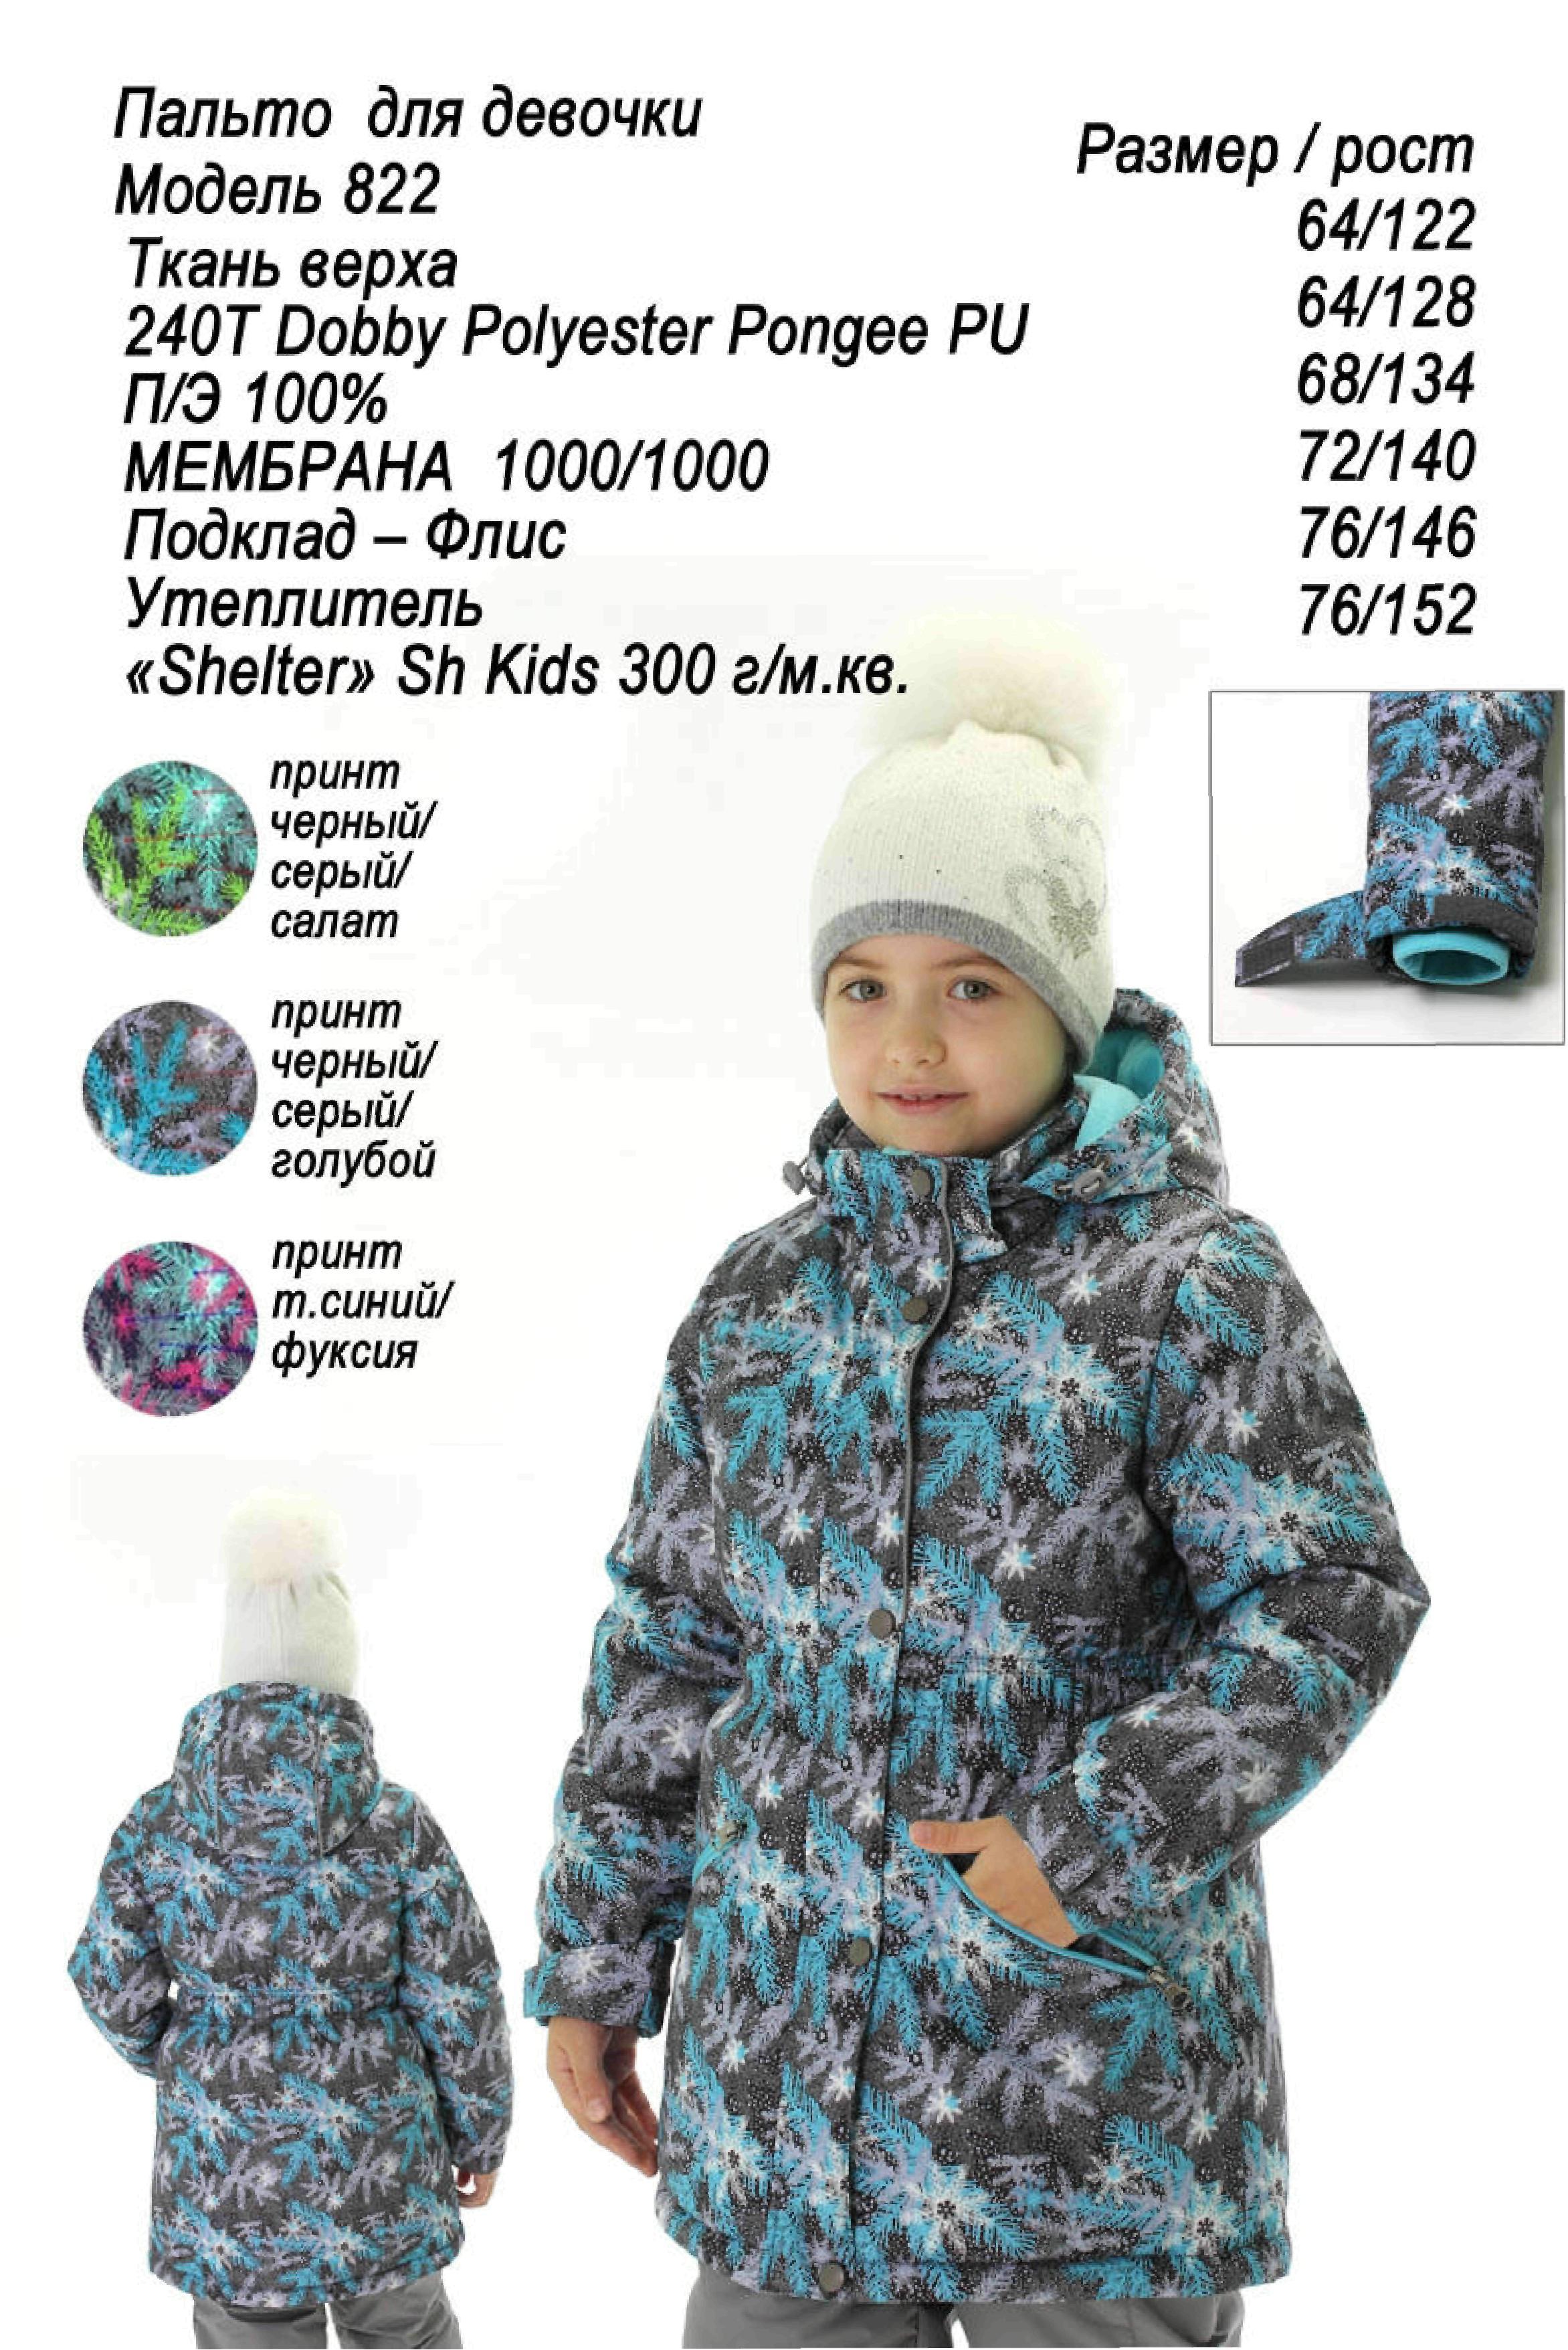 Сбор заказов-2. Верхняя одежда от российского производителя. Яркая, качественная,доступная, удобная. Есть мембрана.Без рядов